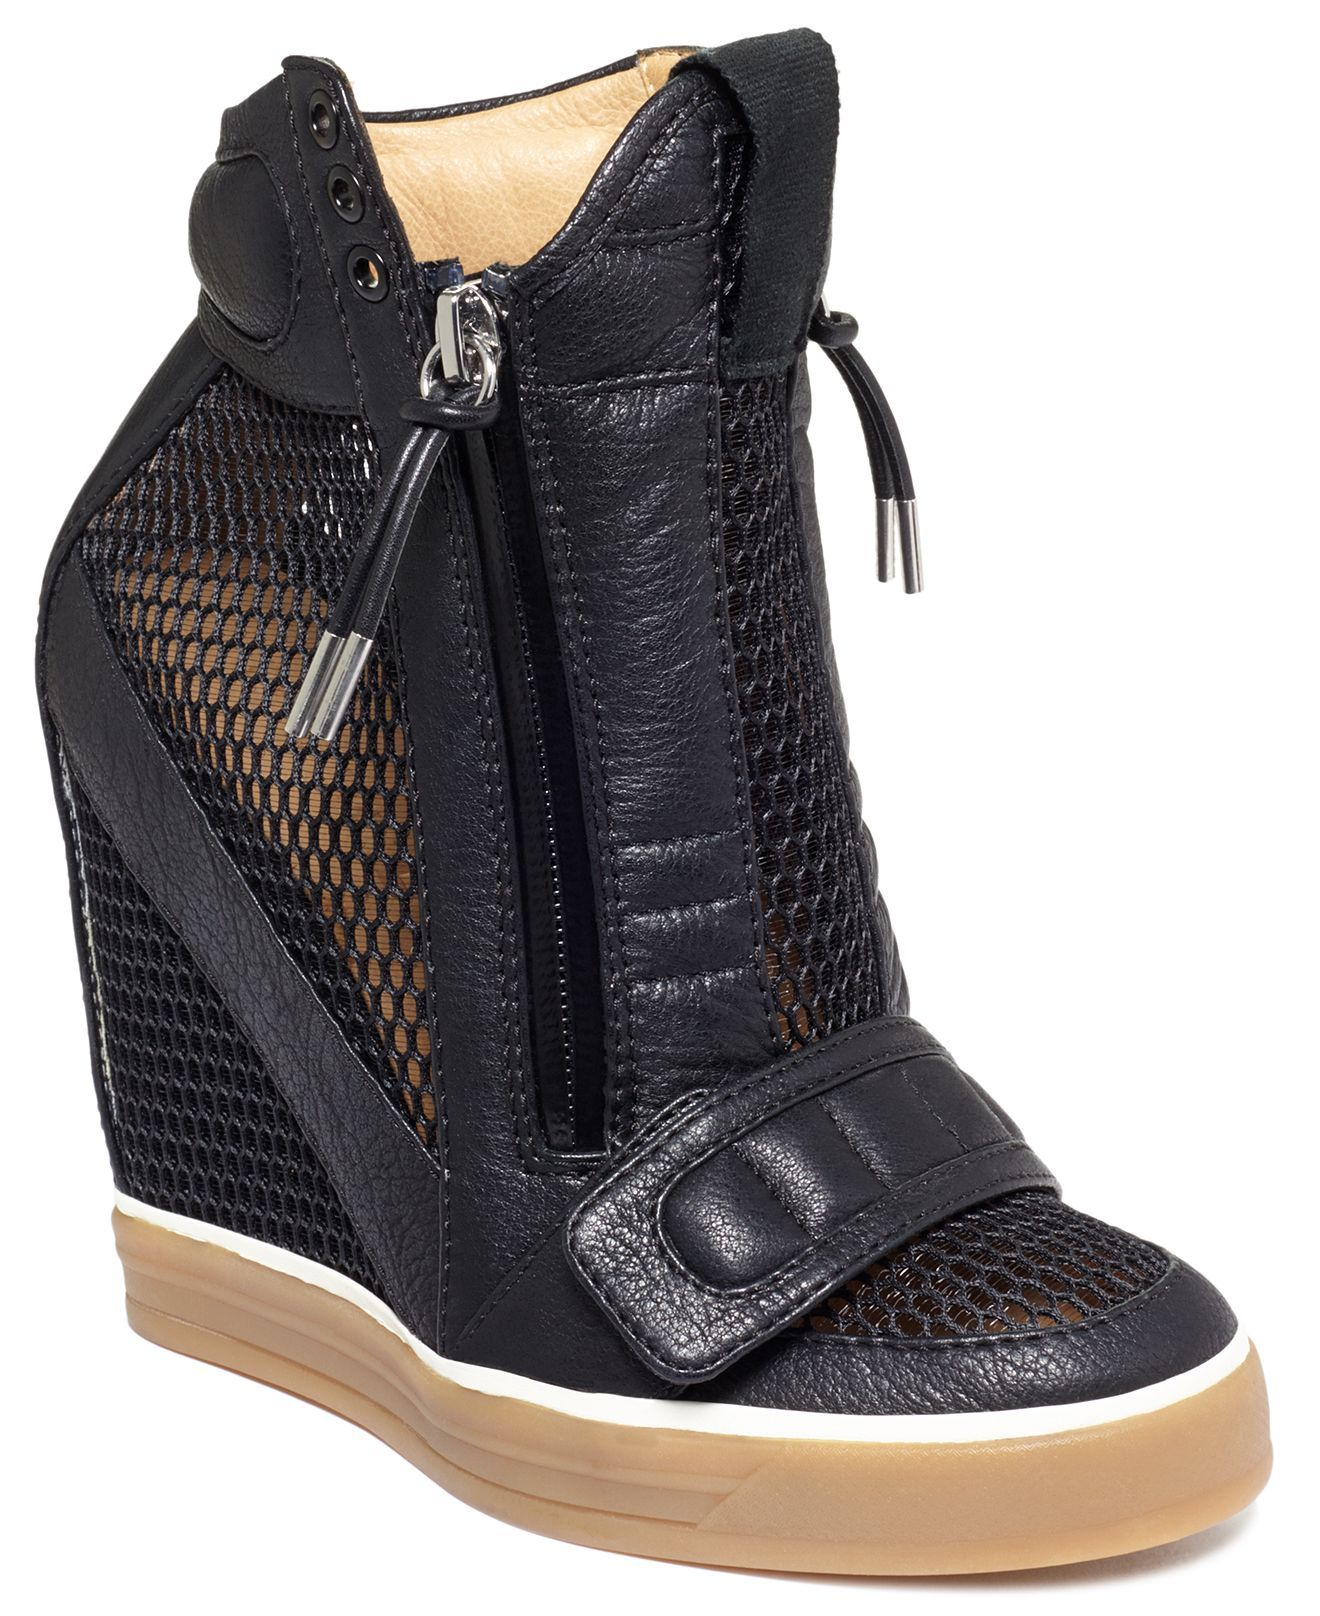 L.A.M.B Shoes, Pamela Platform Wedge Sneakers - Shoe Trends - Shoes - Macy's !!!